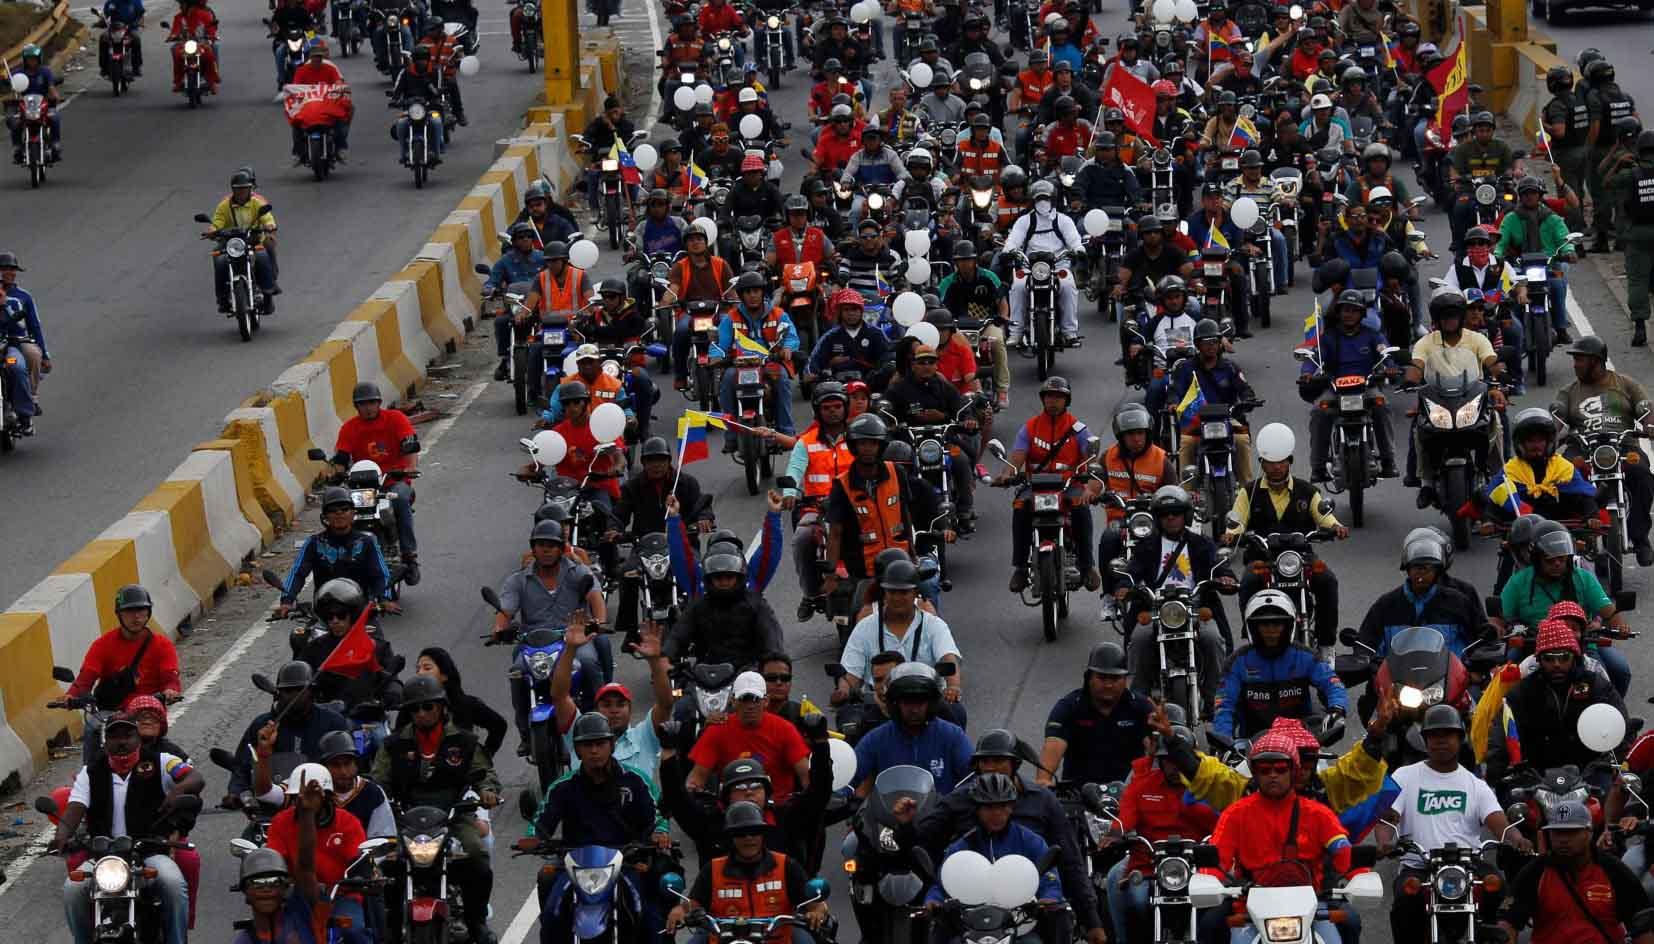 Usuarios de la red social Twitter denuncian que motorizados han atacado a electores de diversas partes del país